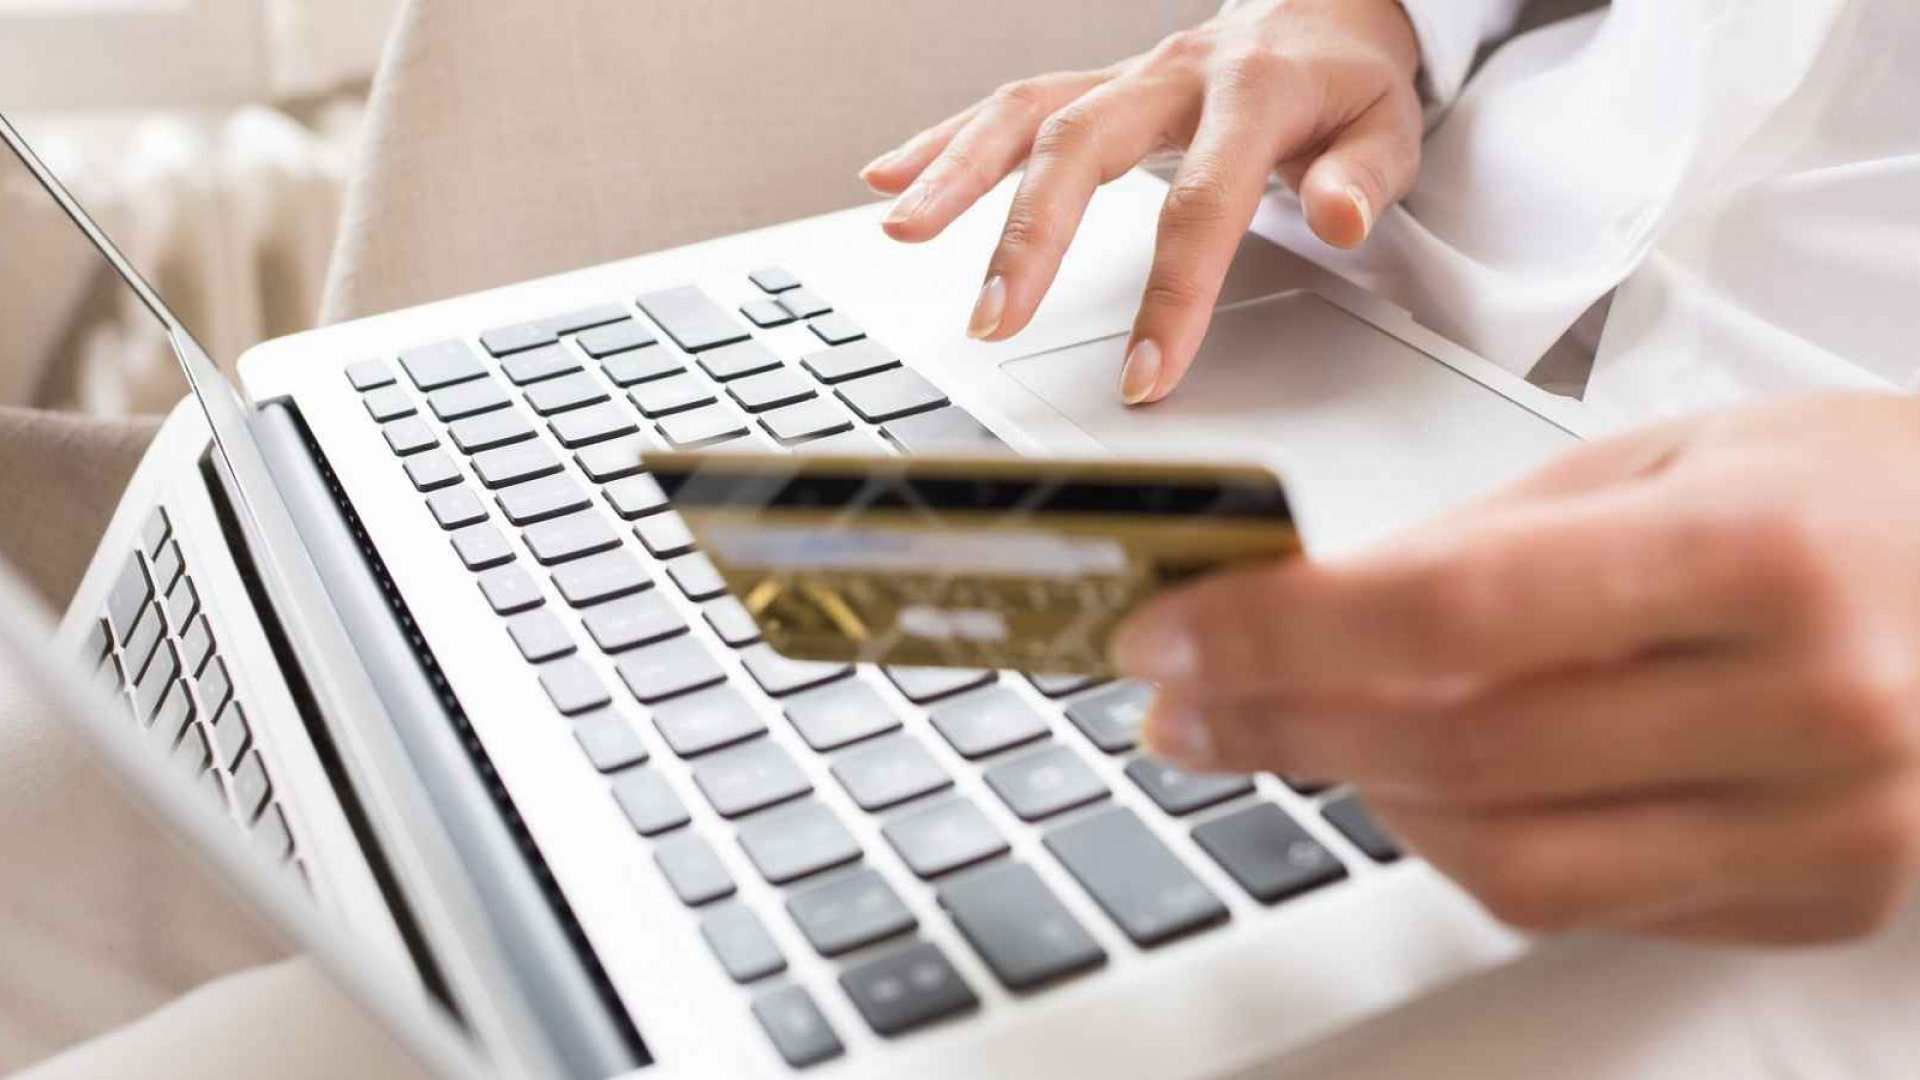 Most Millennials Don't Trust Companies' Website Security